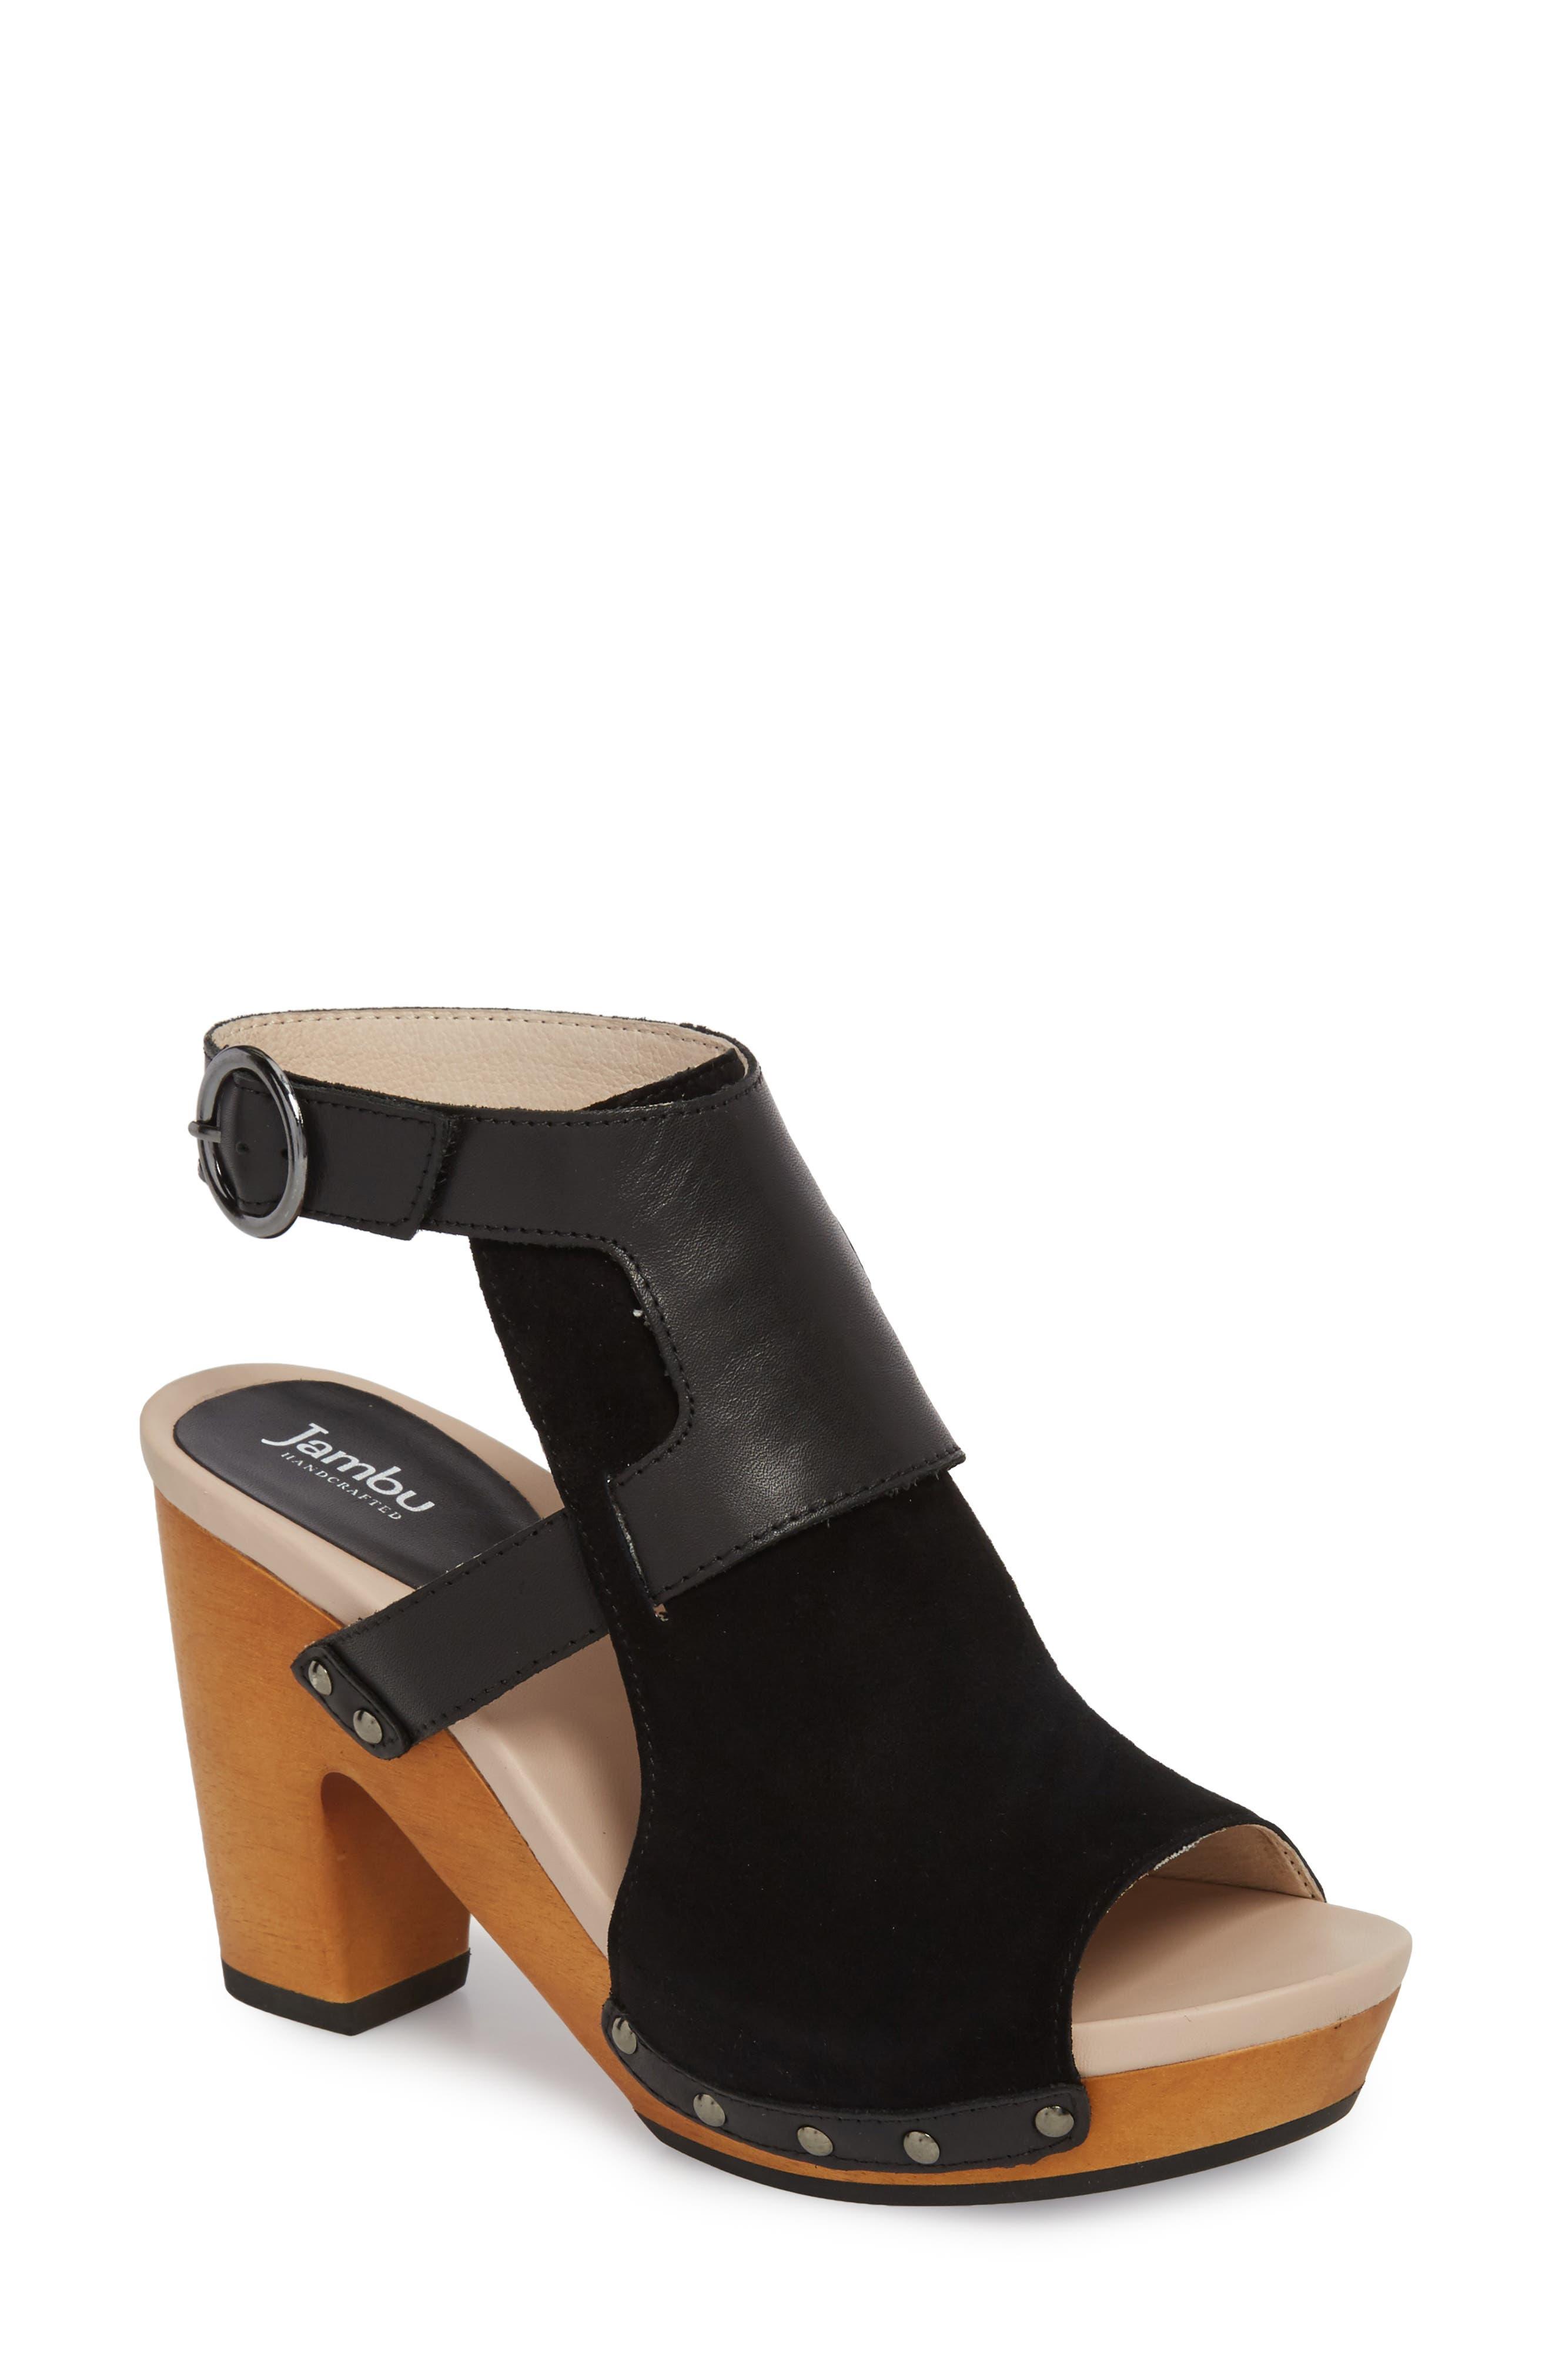 Gina Platform Sandal,                         Main,                         color, BLACK LEATHER